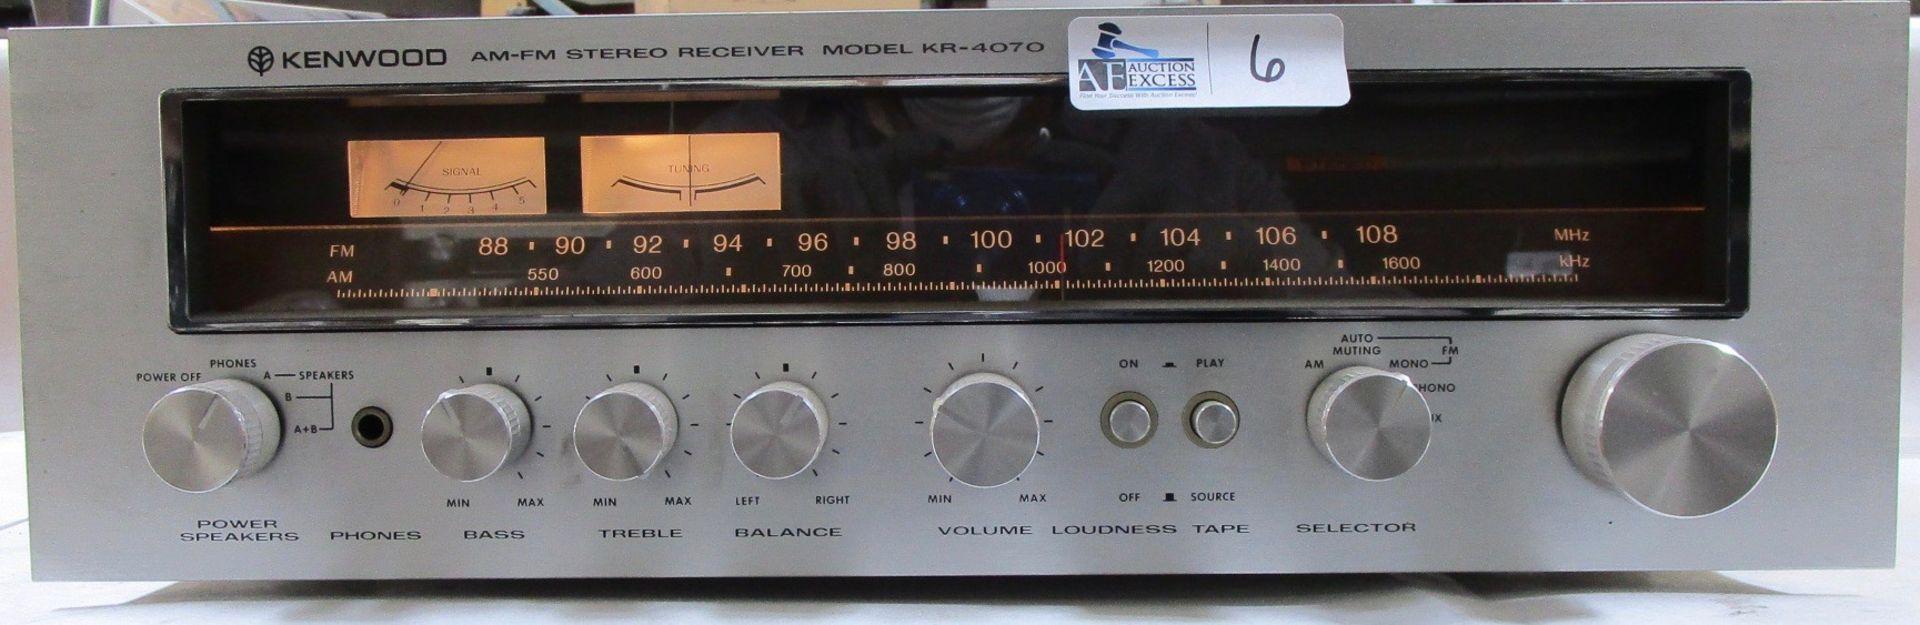 Lot 6 - KENWOOD KR-4070 RECEIVER